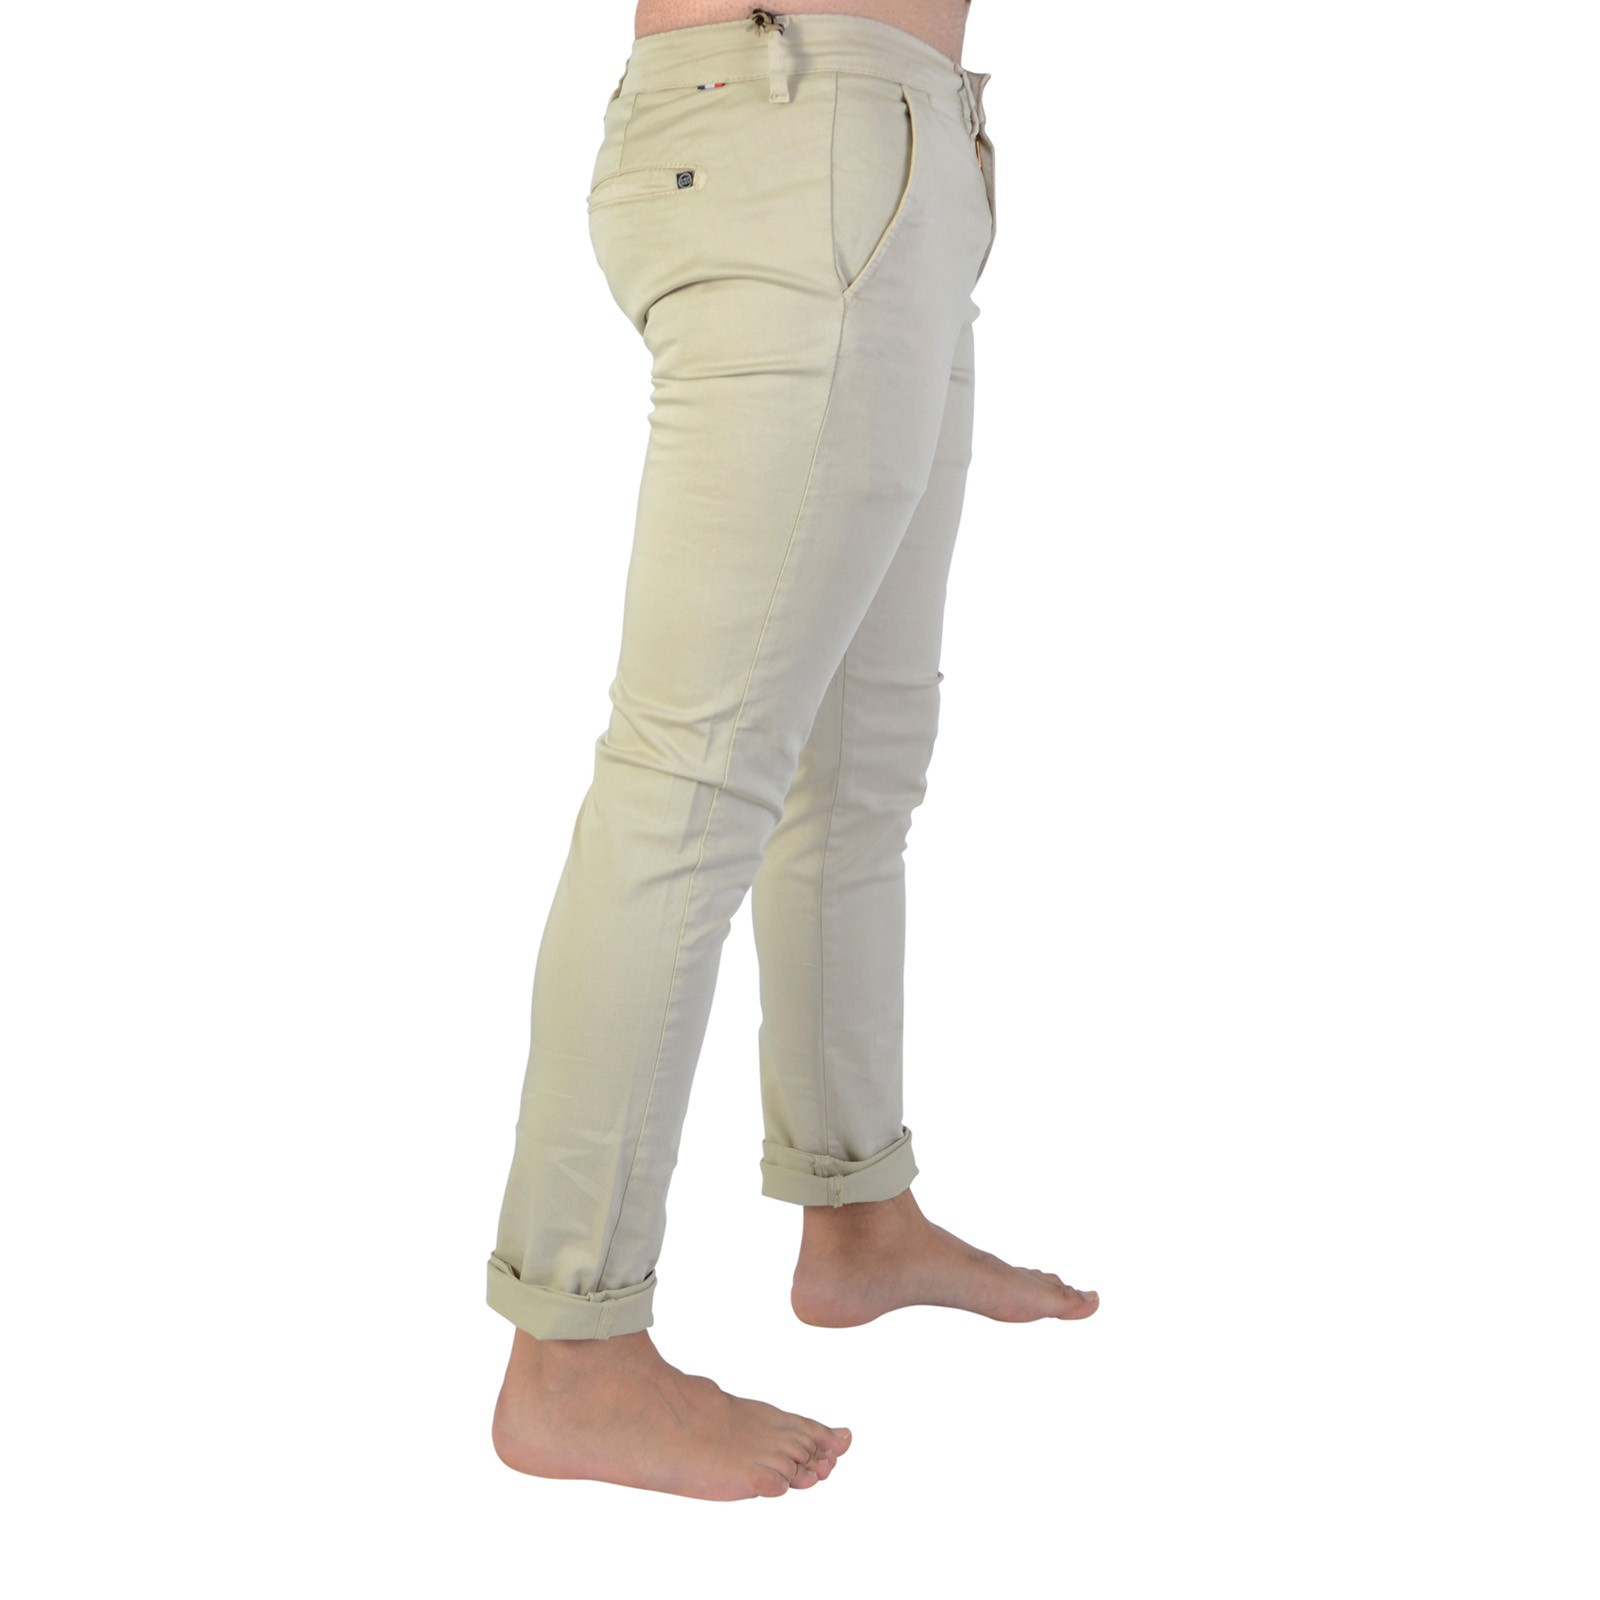 Temps Des Pantalon Cerises Jas Le 5xYxgX6